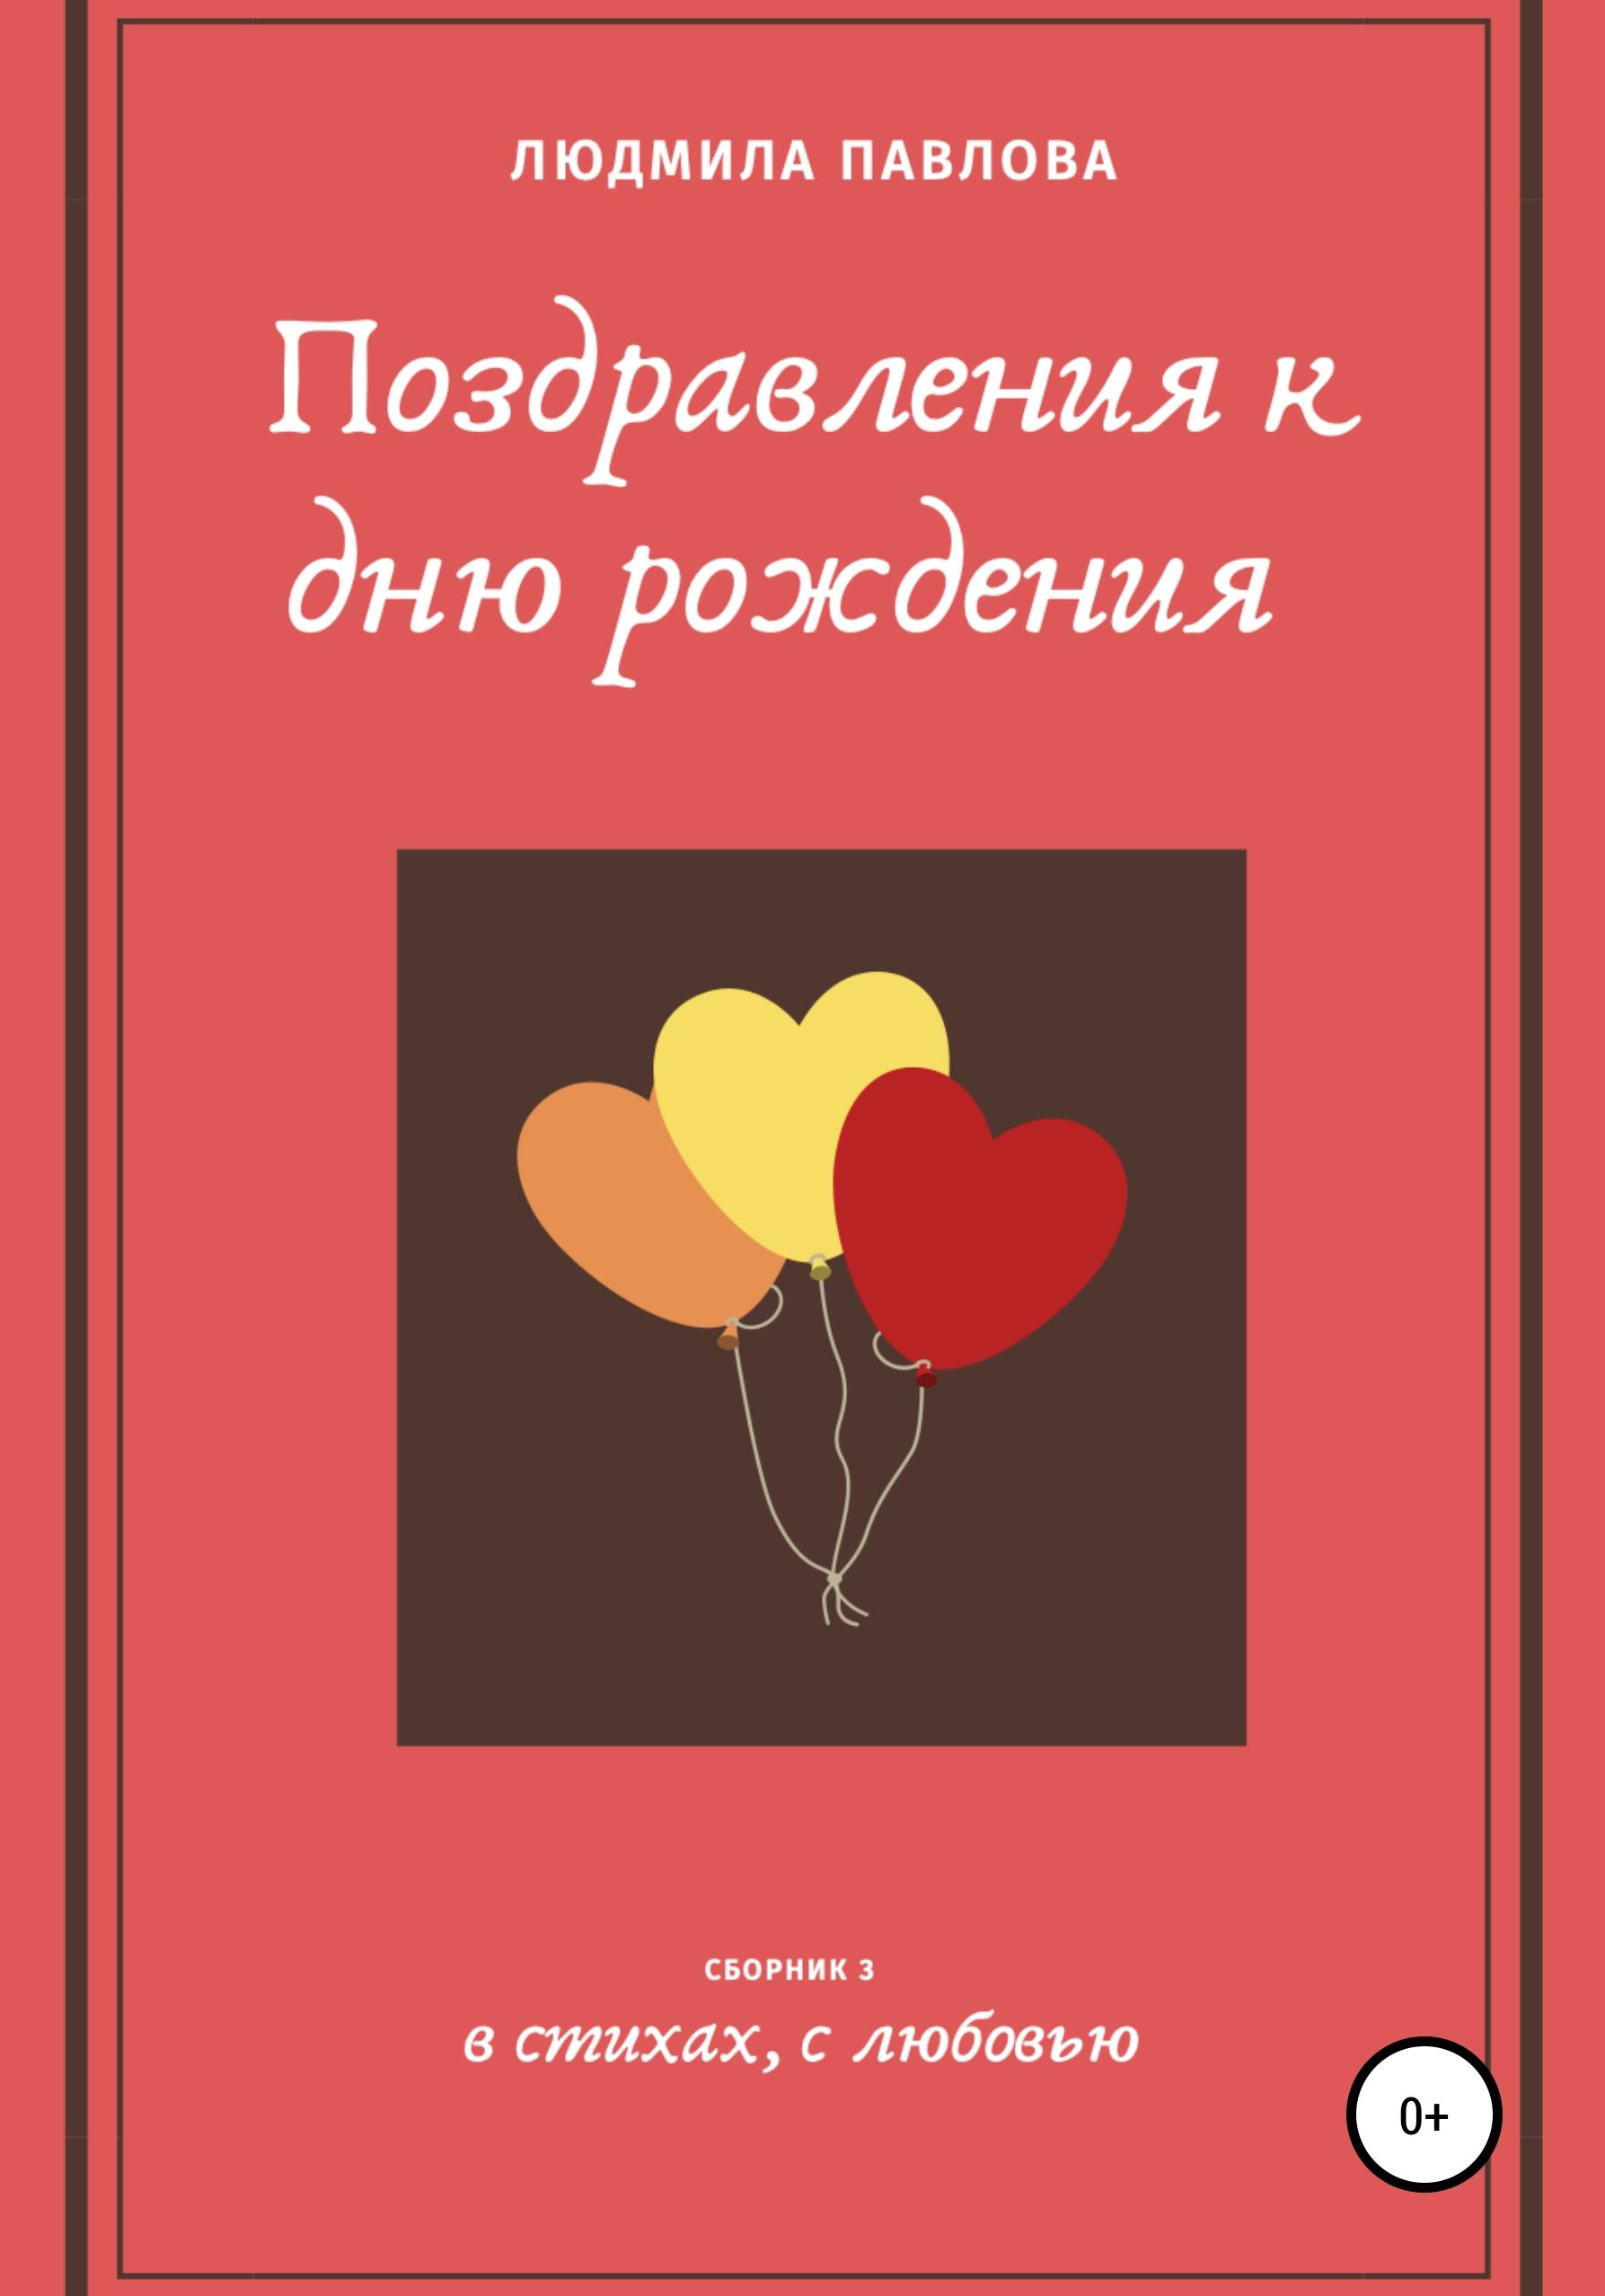 Купить книгу Поздравления к дню рождения. Третий сборник, автора Людмилы Викторовны Павловой